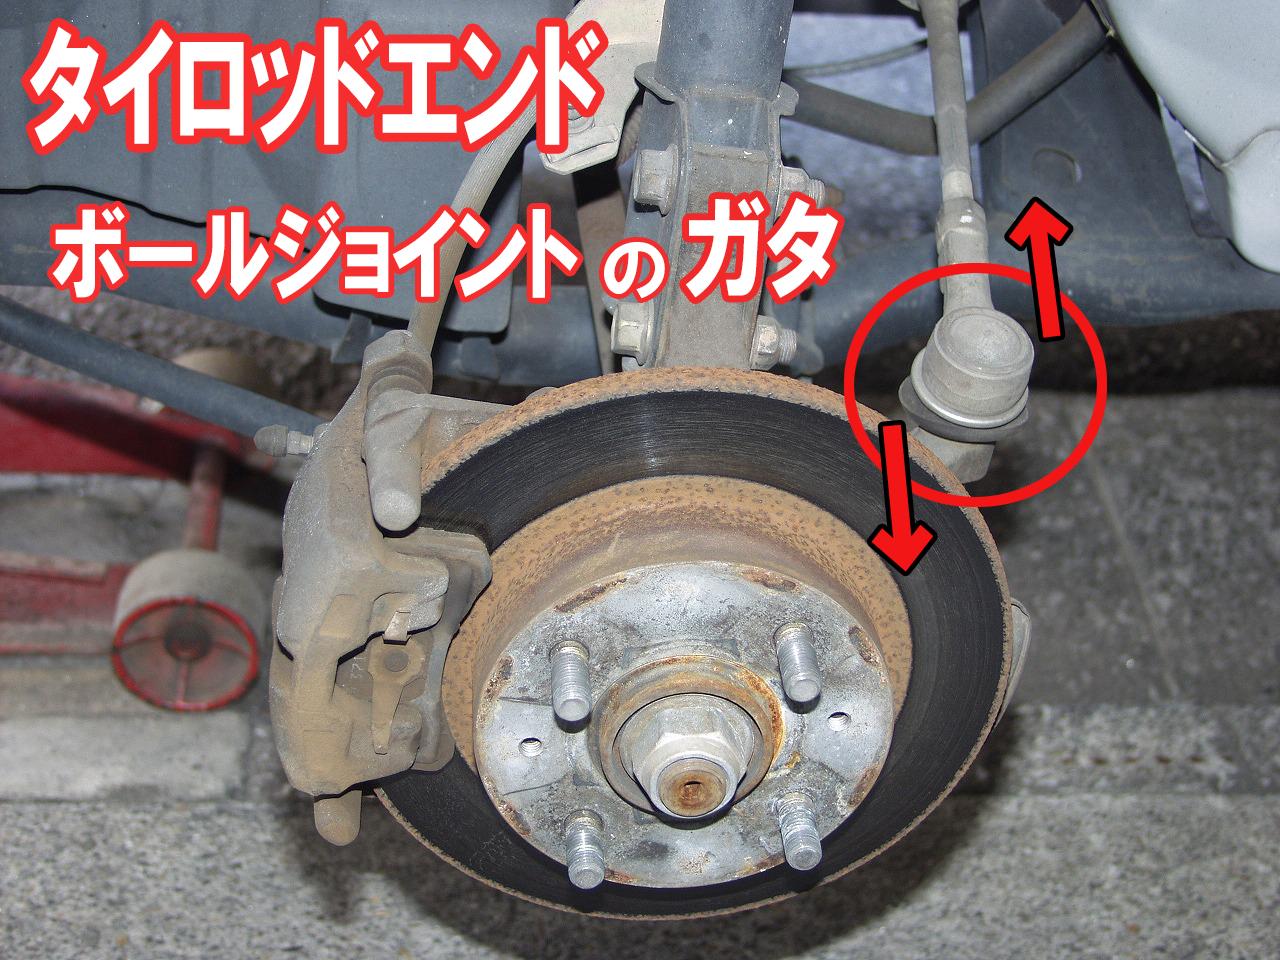 タイロッドエンドのガタを修理します。